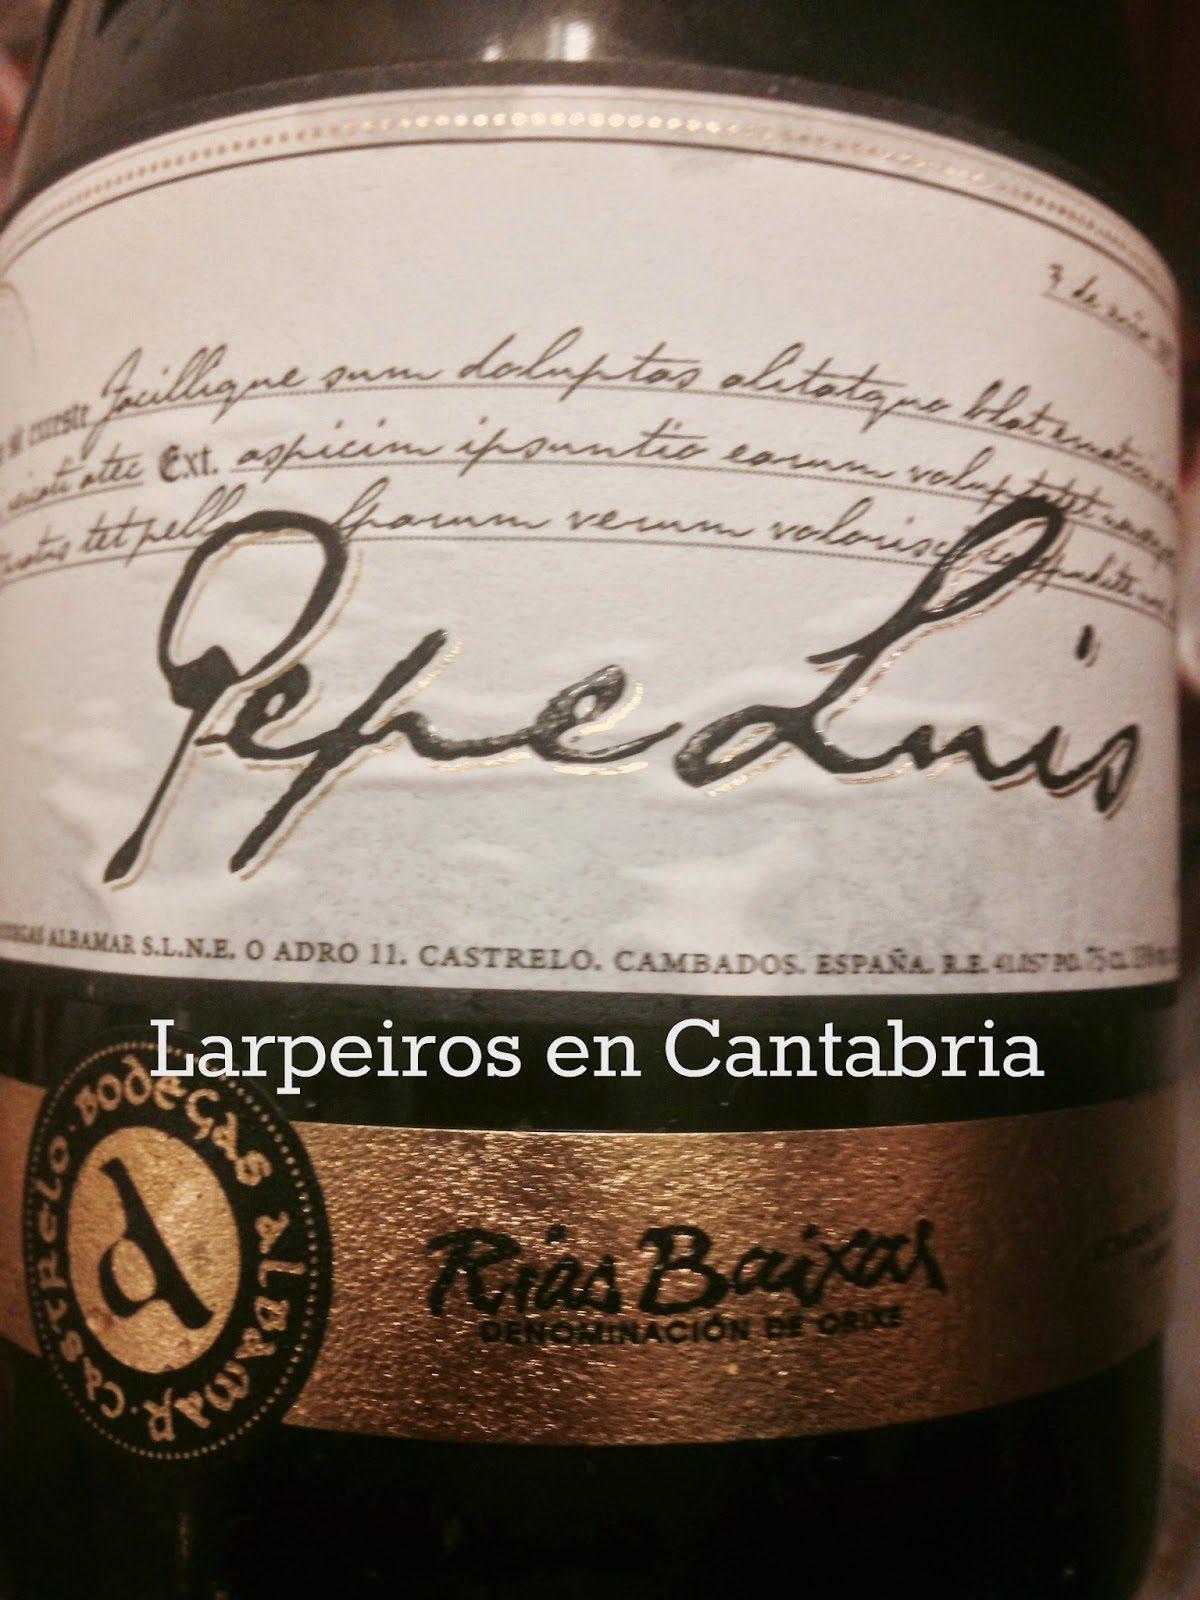 Vino Blanco Albamar Pepe Luis 2012: Serio y seguimos con los orgasmos